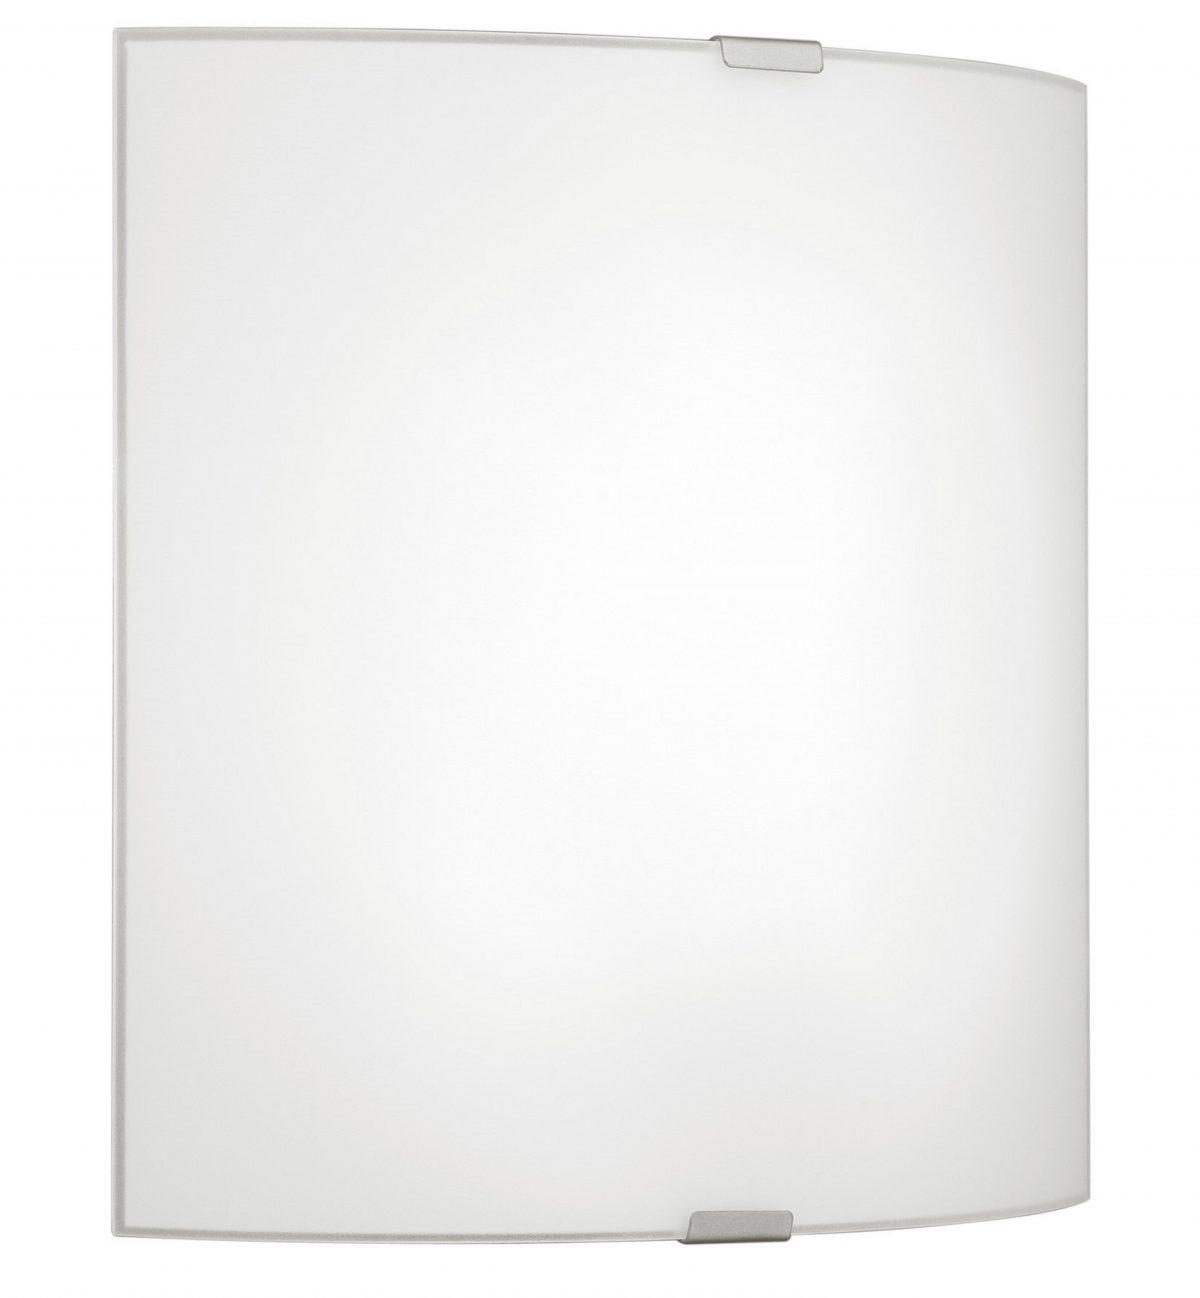 Светильник настенно-потолочный GRAFIK EGLO 84026 - Фото №28